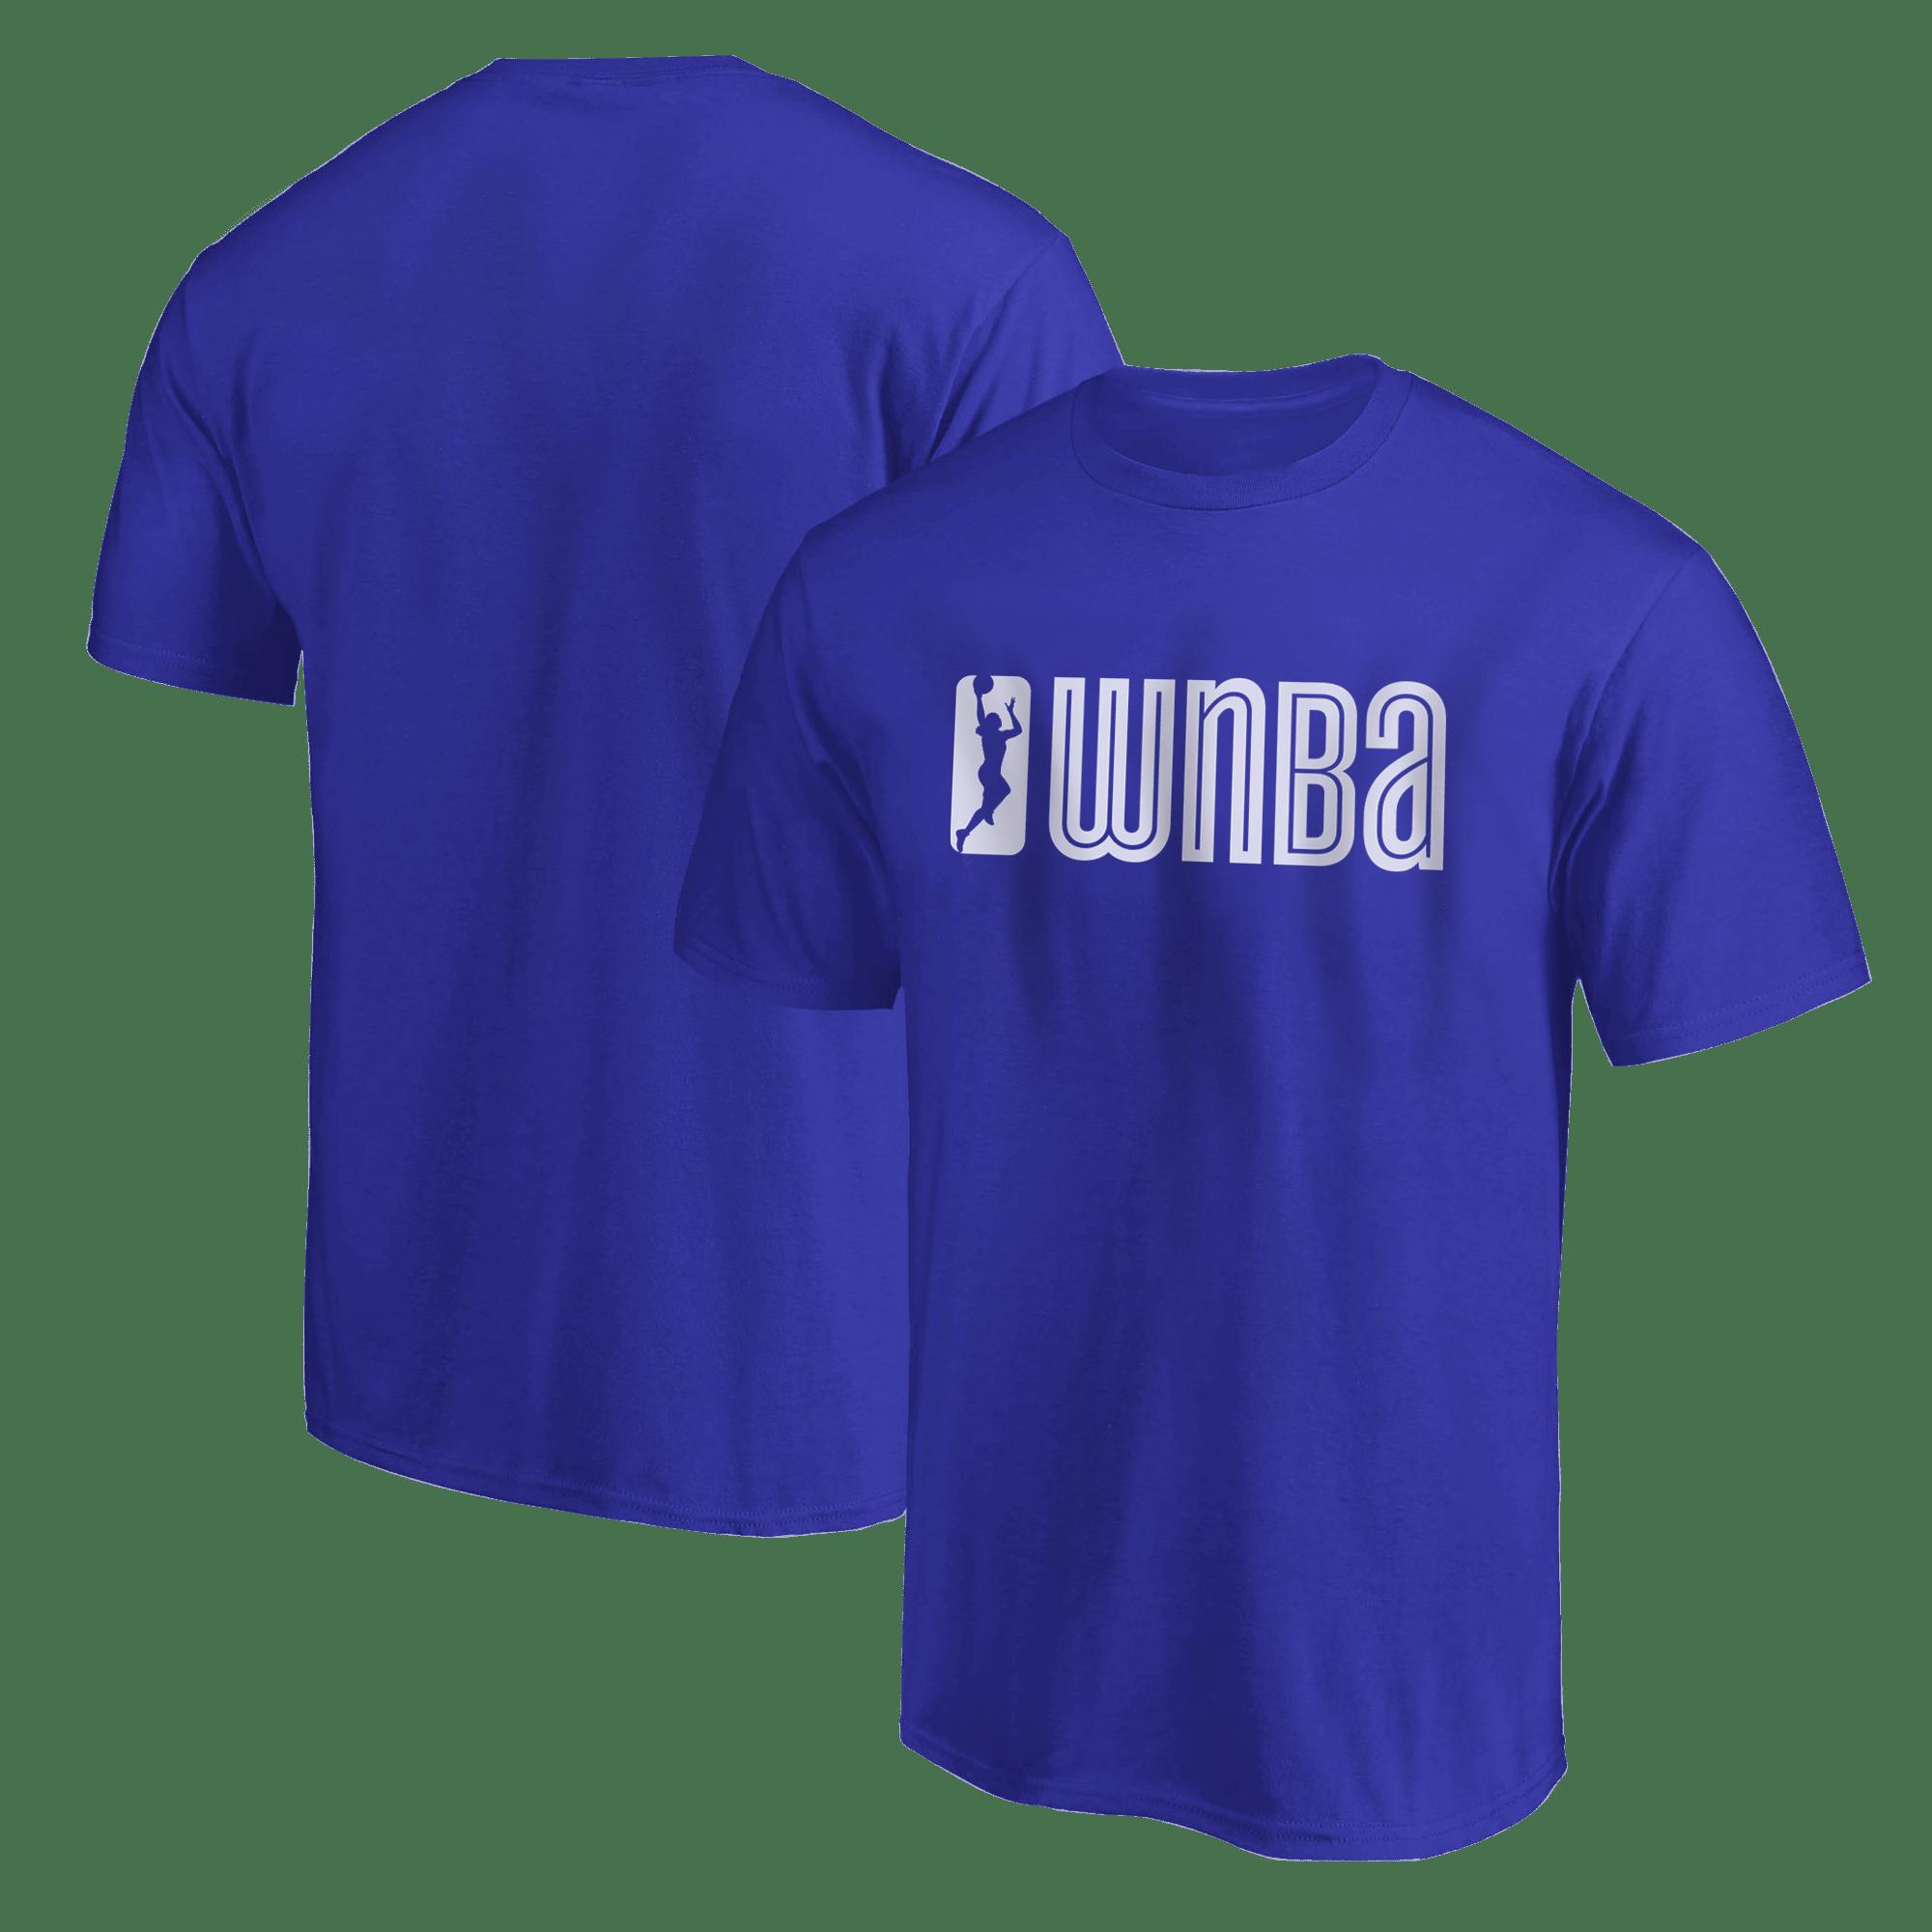 WNBA Tshirt (TSH-BLU-NP-WNBA-633)